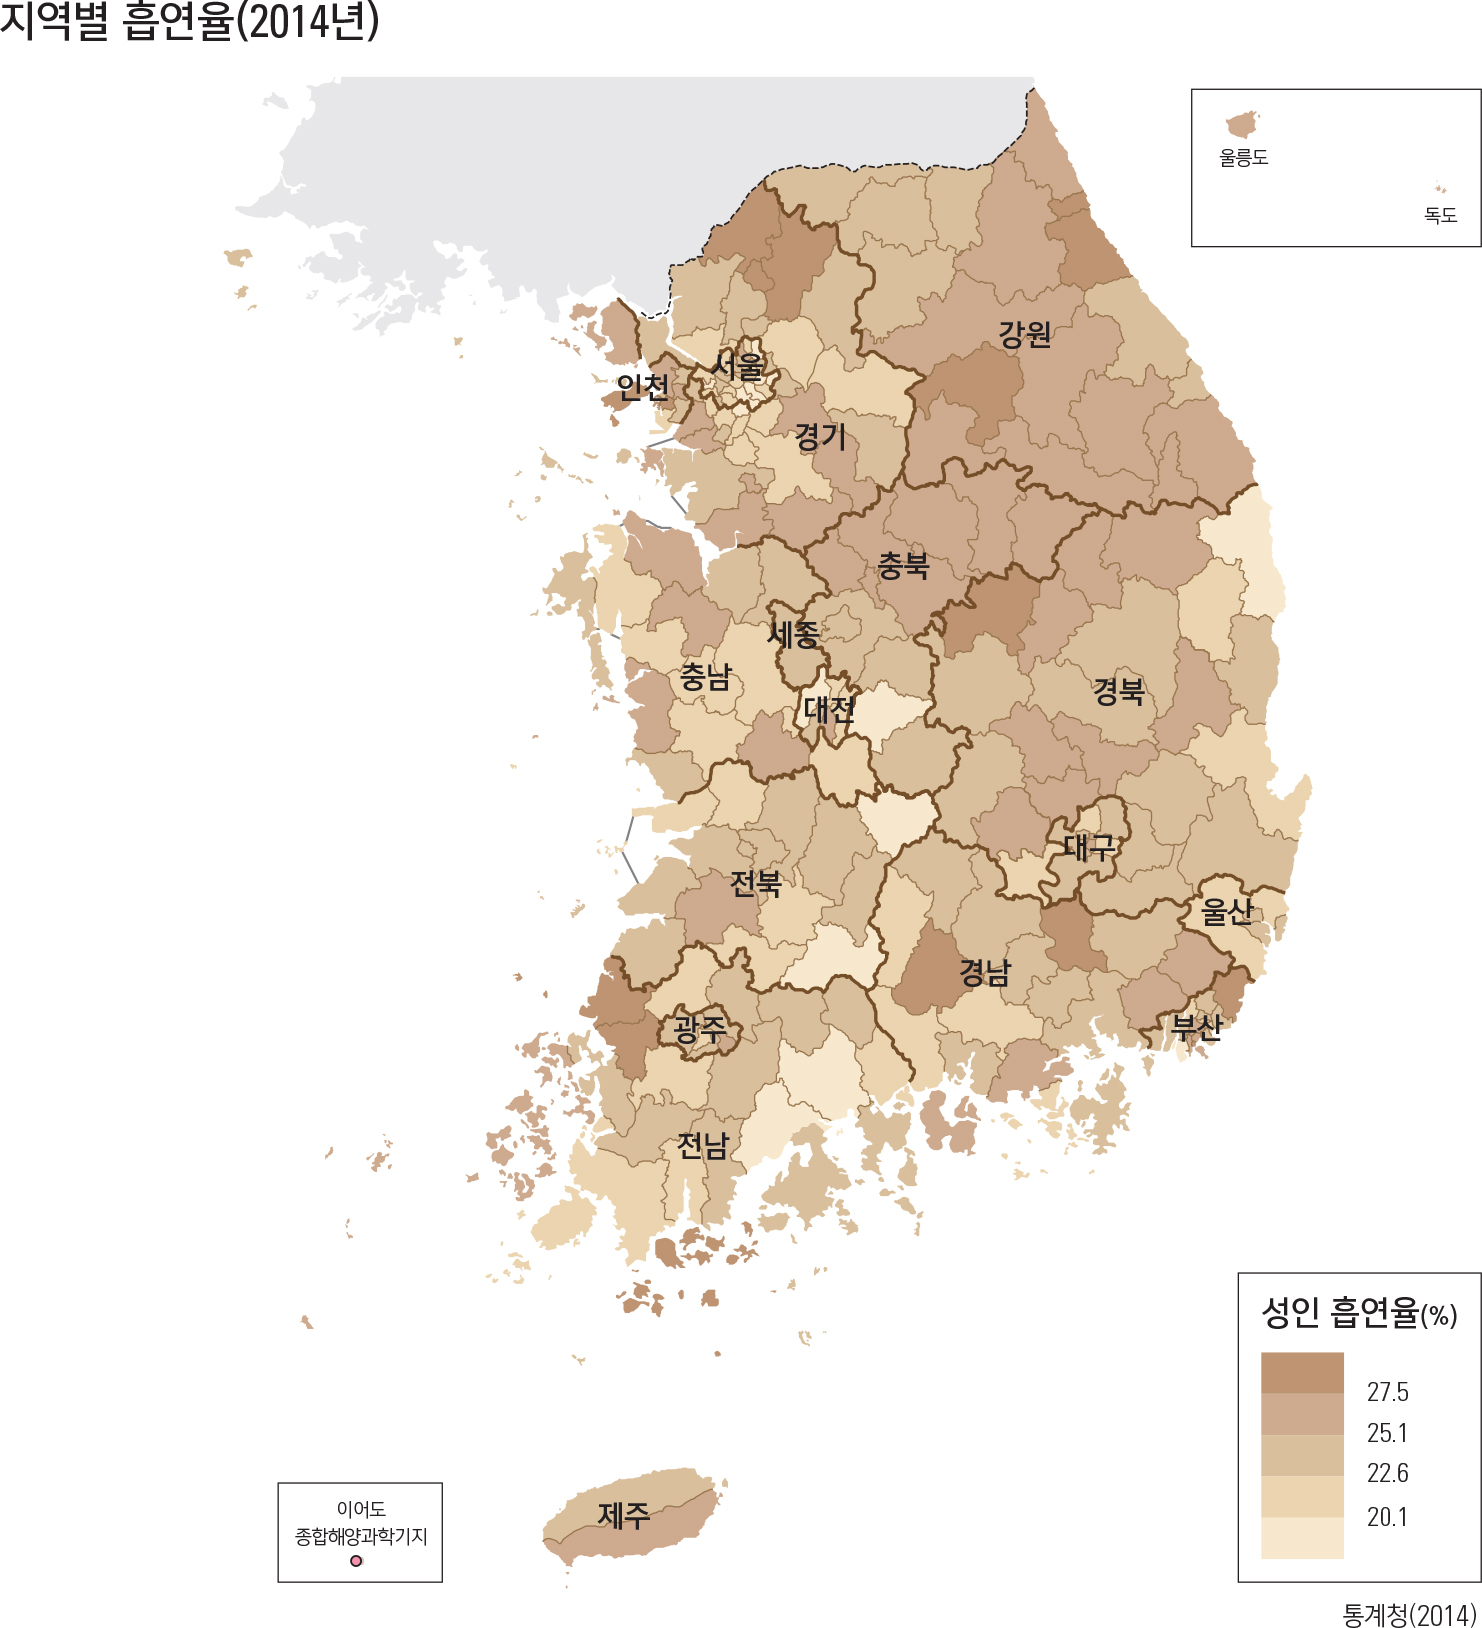 지역별 흡연율(2014년)